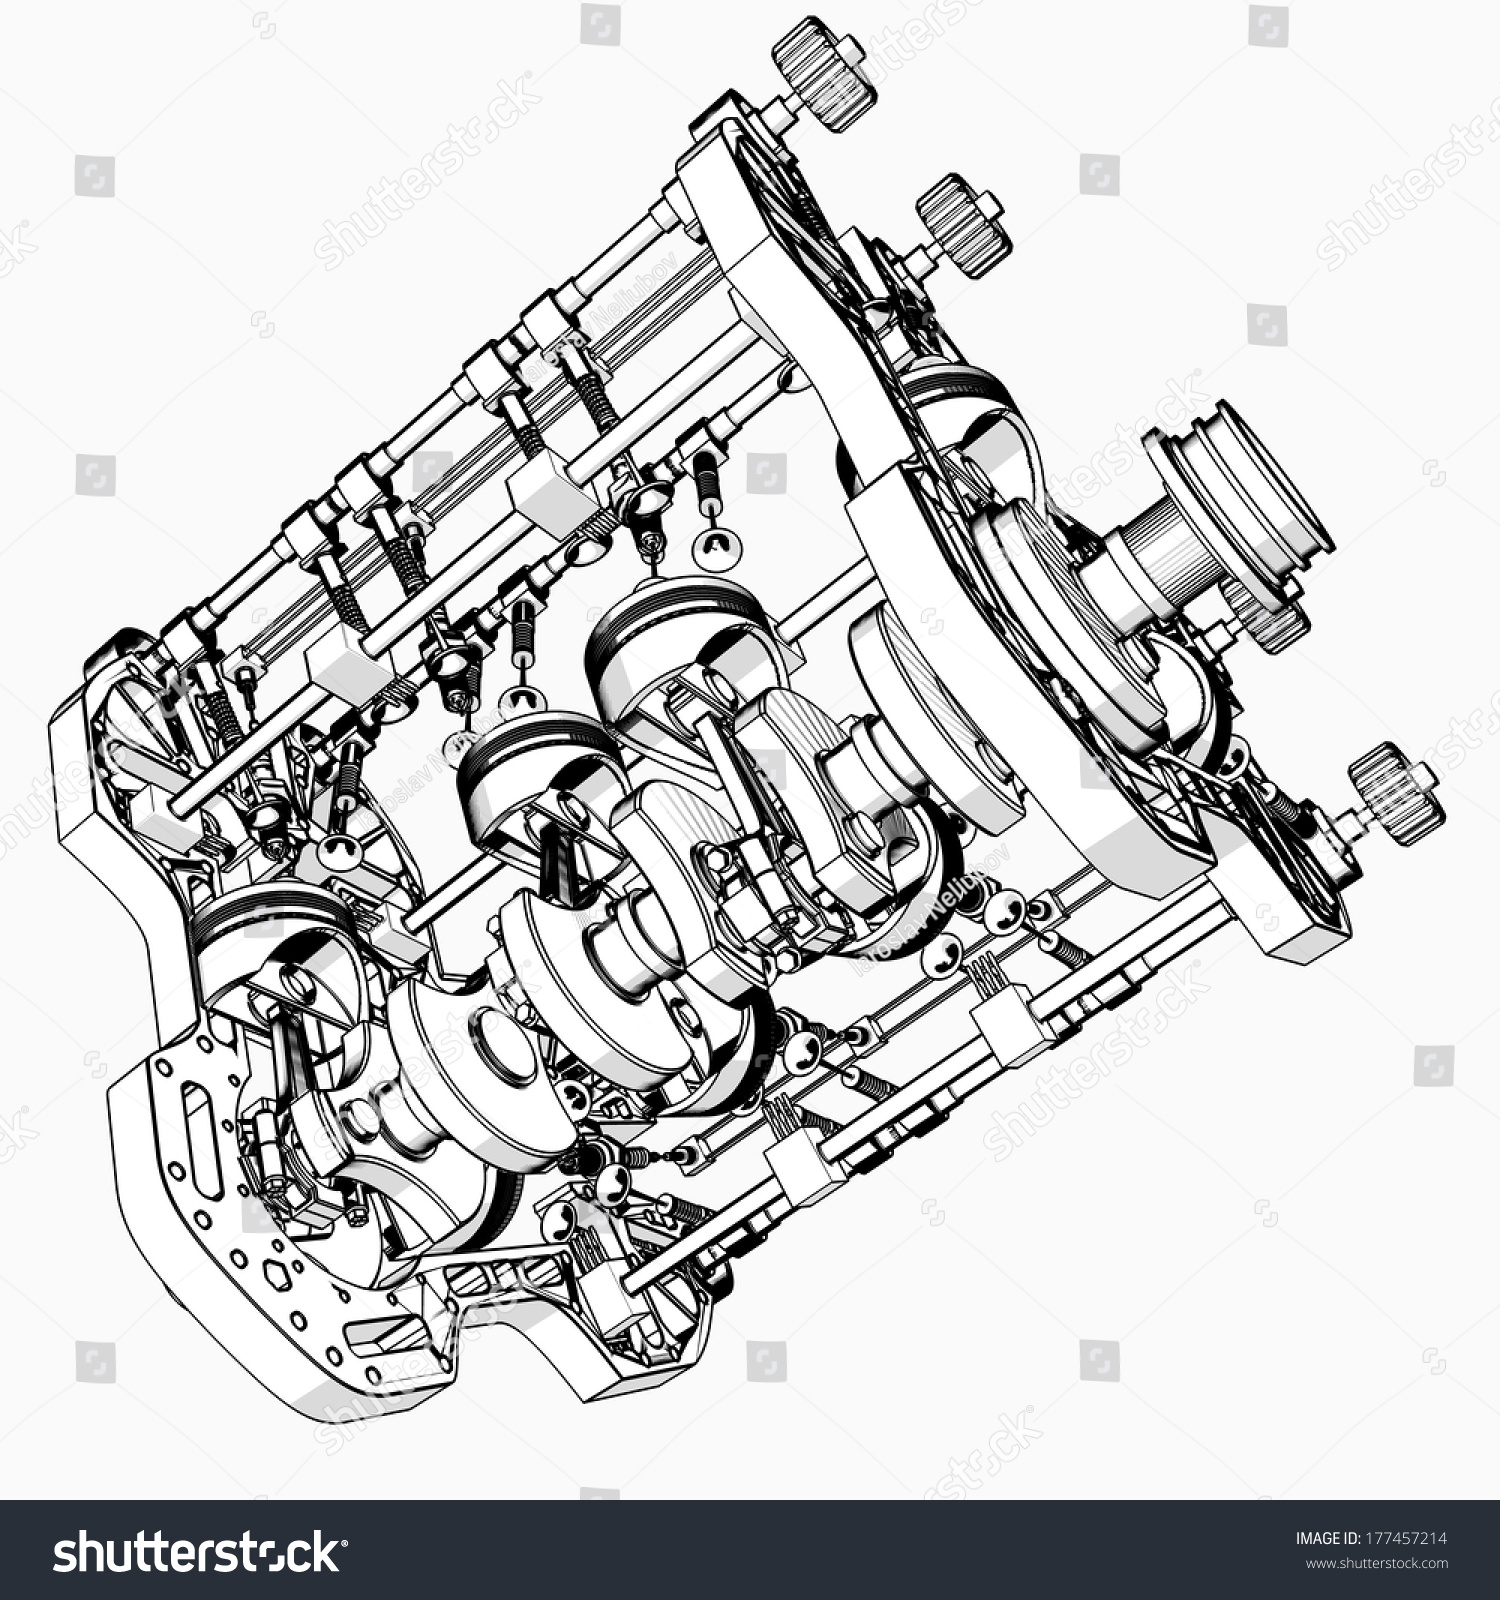 V8 Car Engine Cartoon Illustration Outline Stock Illustration ...